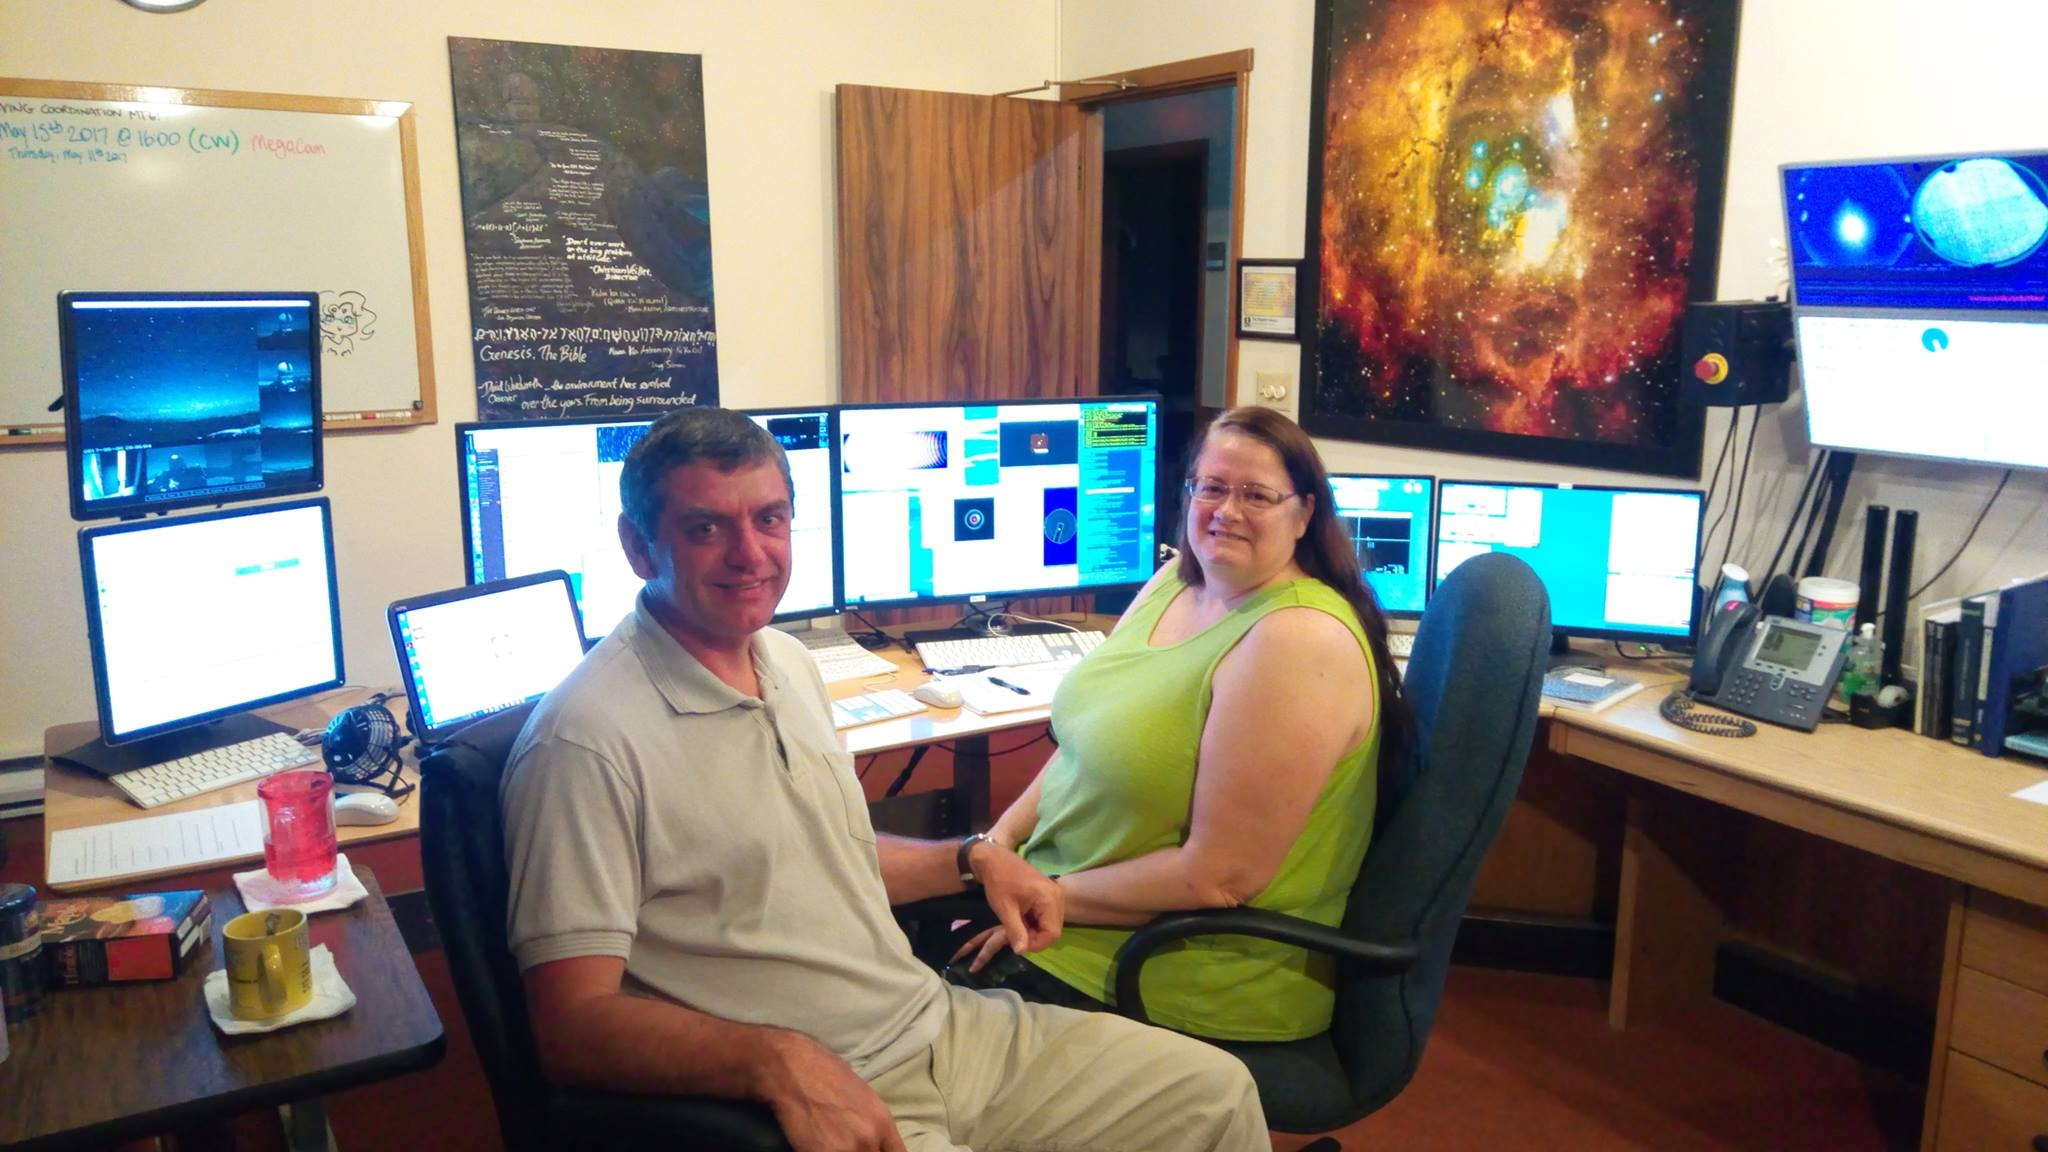 Віктор Халак і Ліса Уелз, що проводить заплановані спостереження на Телескопі Канада-Франція-Гаваї. Кімната для спостережень знаходиться біля підніжжя недіючого вулкана Мауна-Кеа в поселенні Ваймеа. Тобто астрономи там спостерігають у більш комфортних умовах, ніж в інших місцях